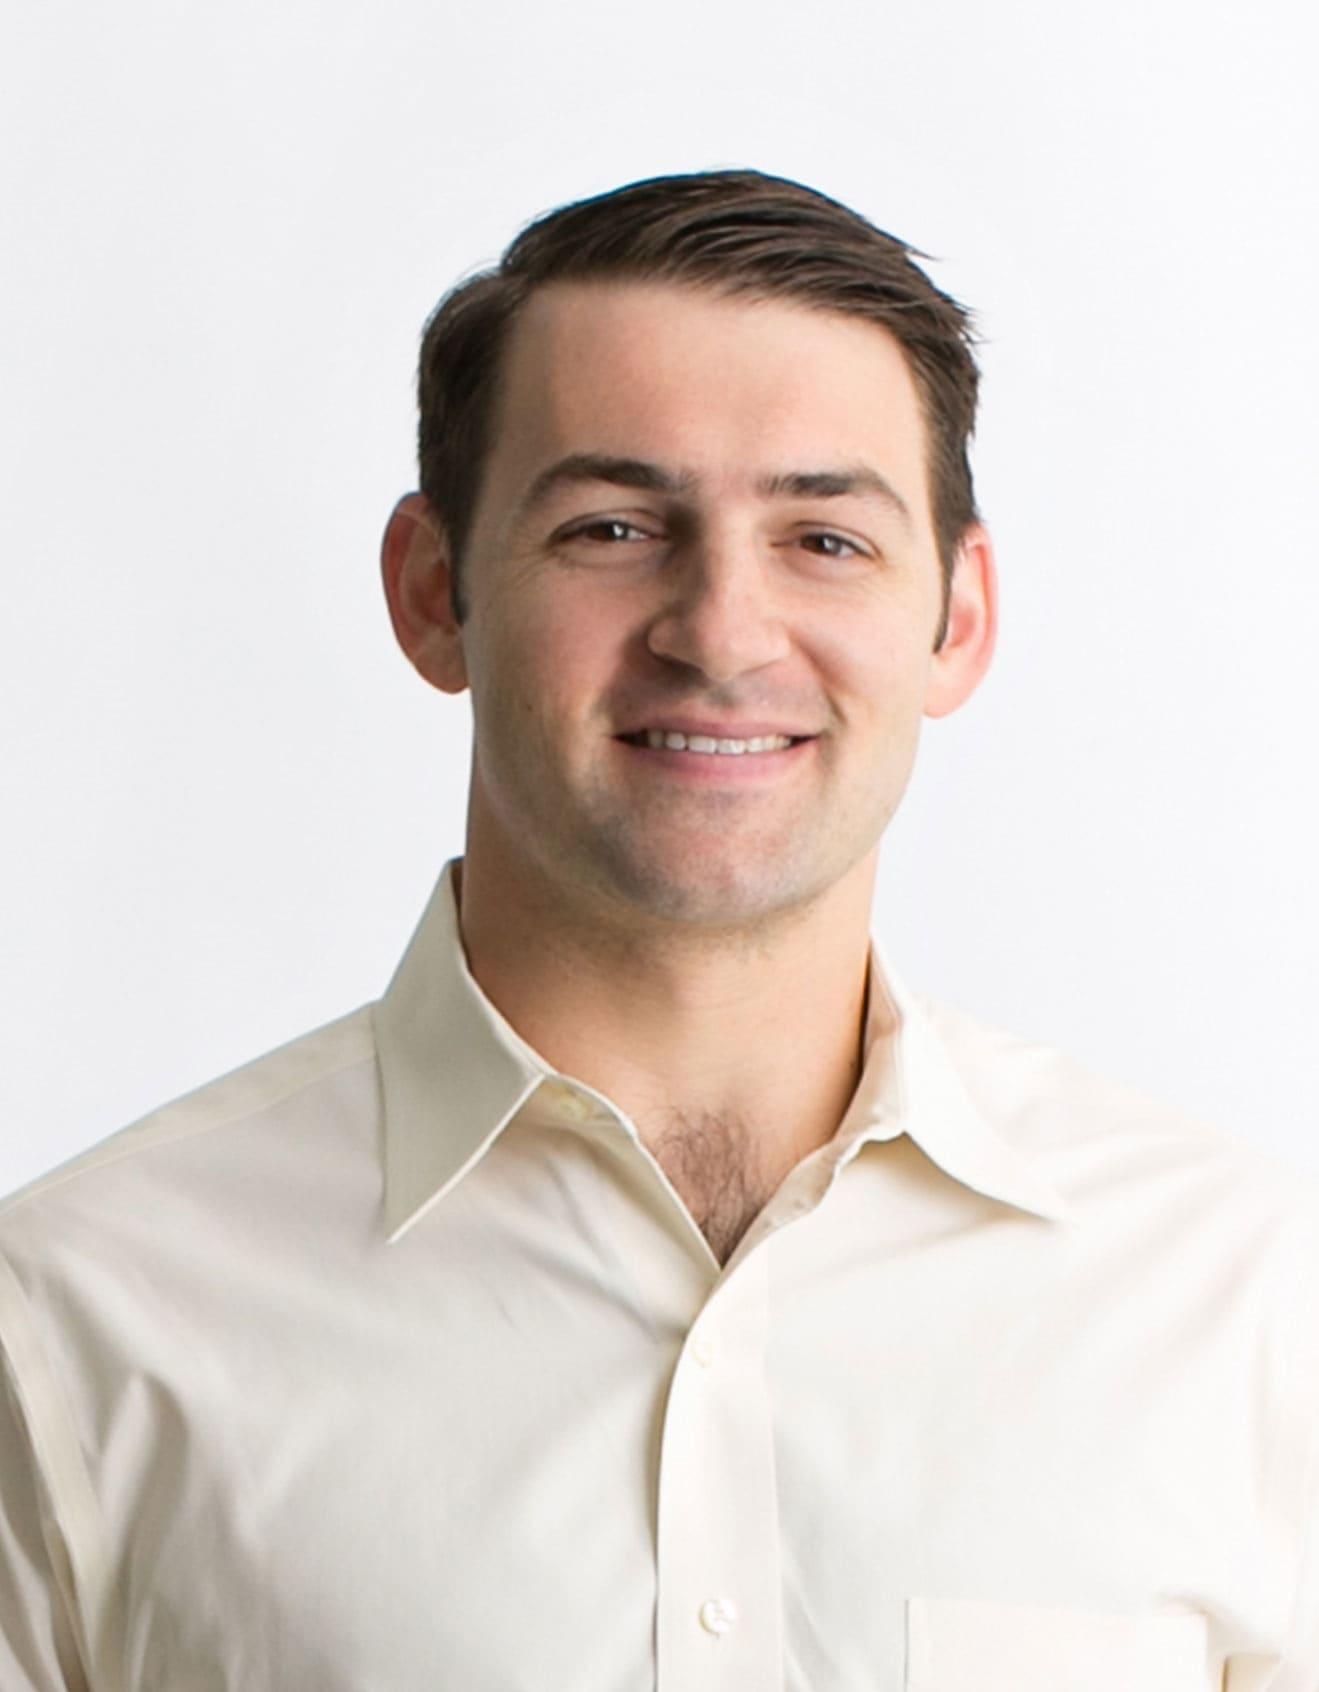 Dr. David K Myer MD